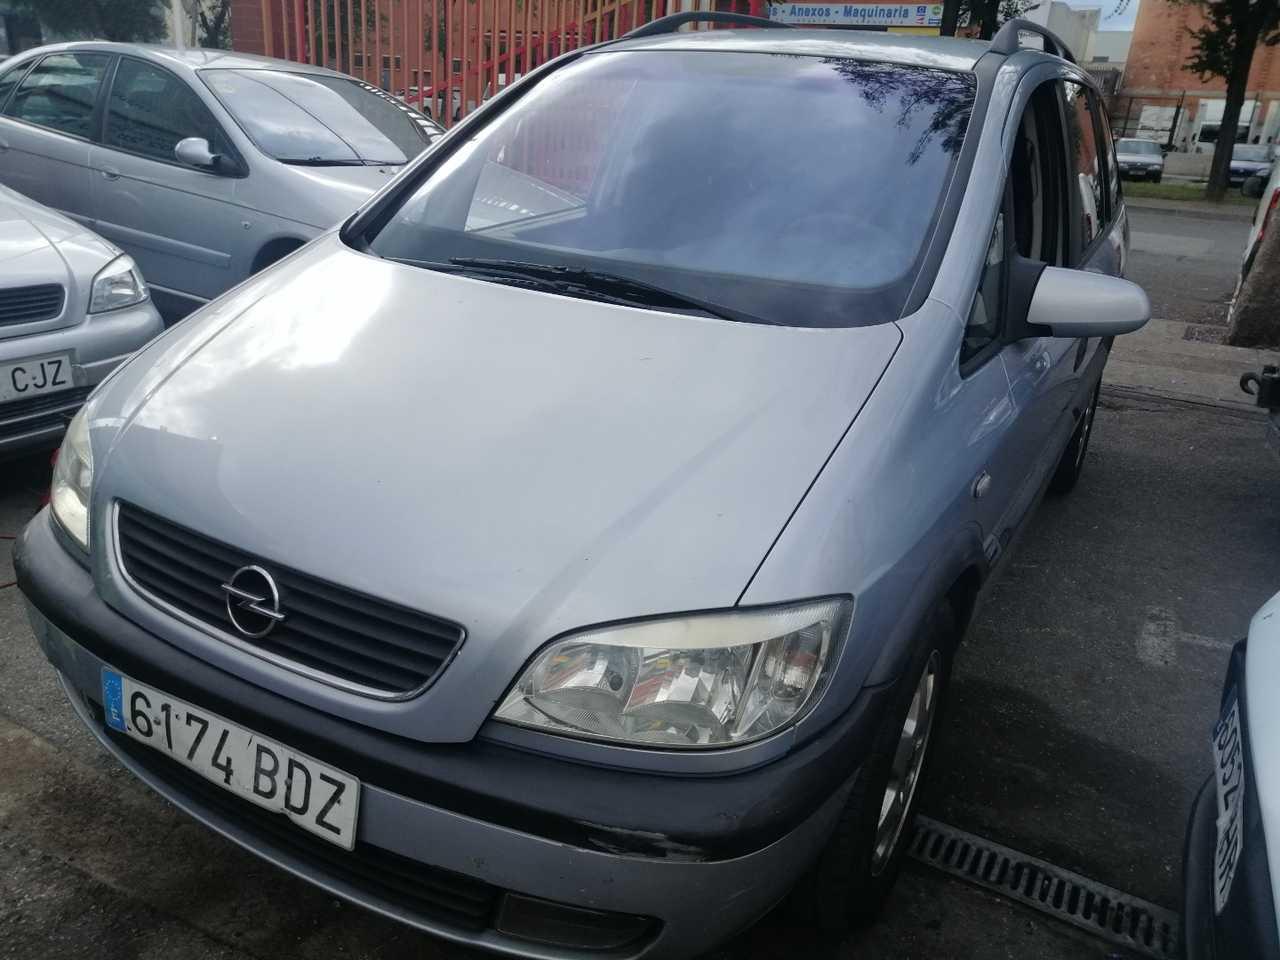 Opel Zafira gasolina   - Foto 1